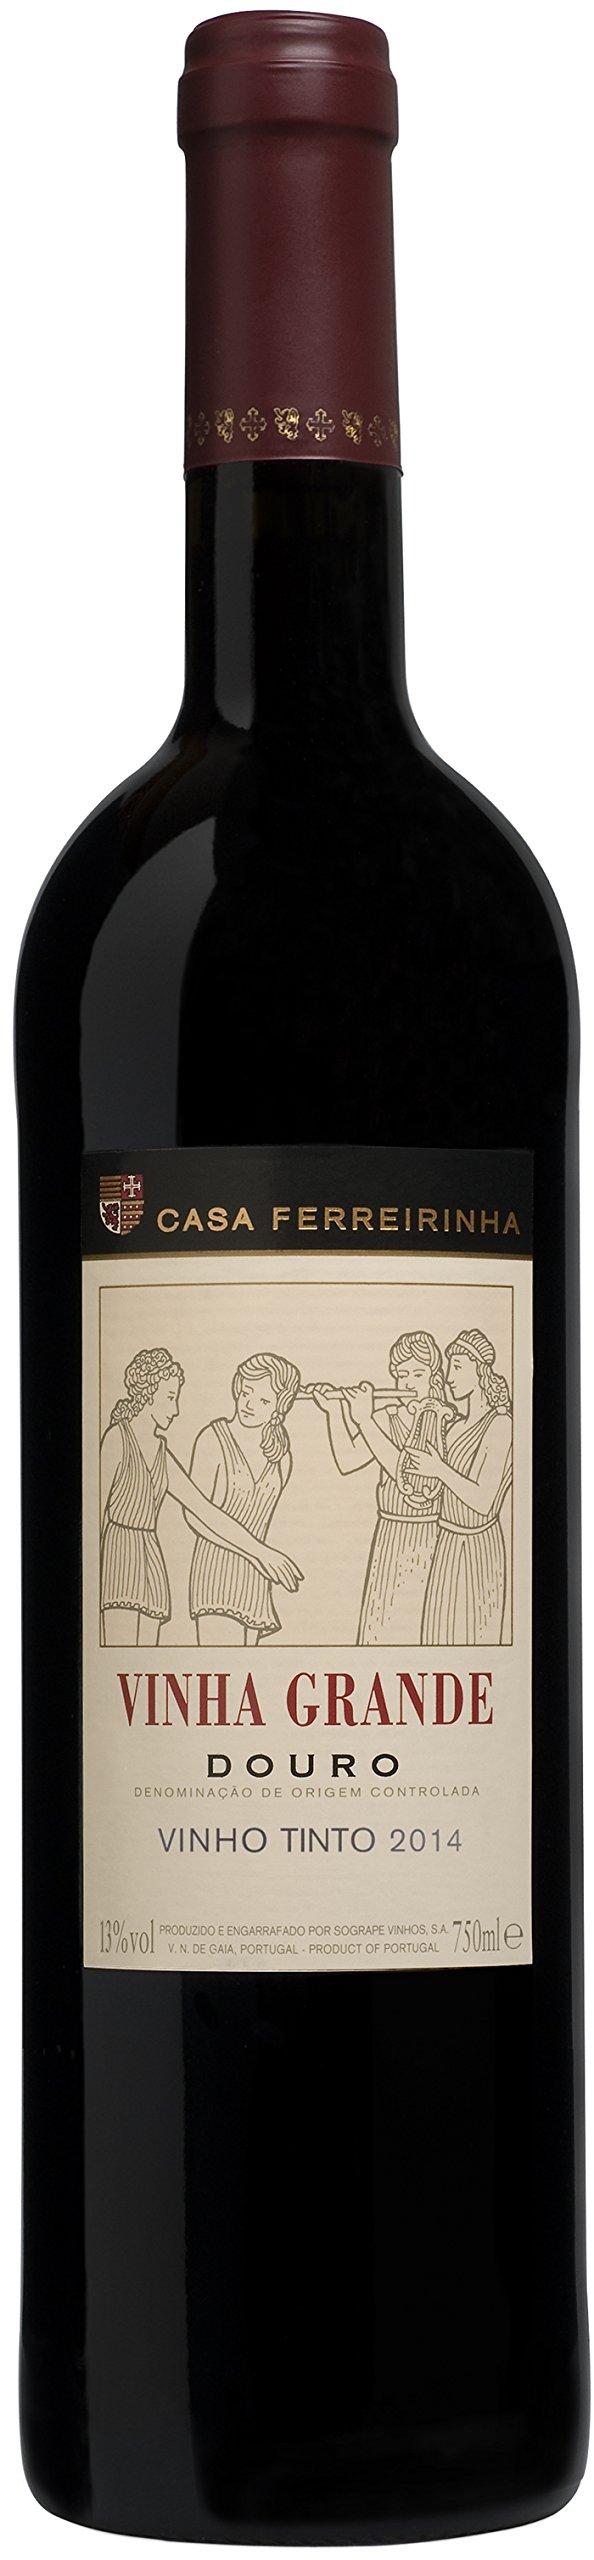 Casa-Ferreirinha-CASA-FERREIRINHA-2014-Vinha-Grande-rotwein